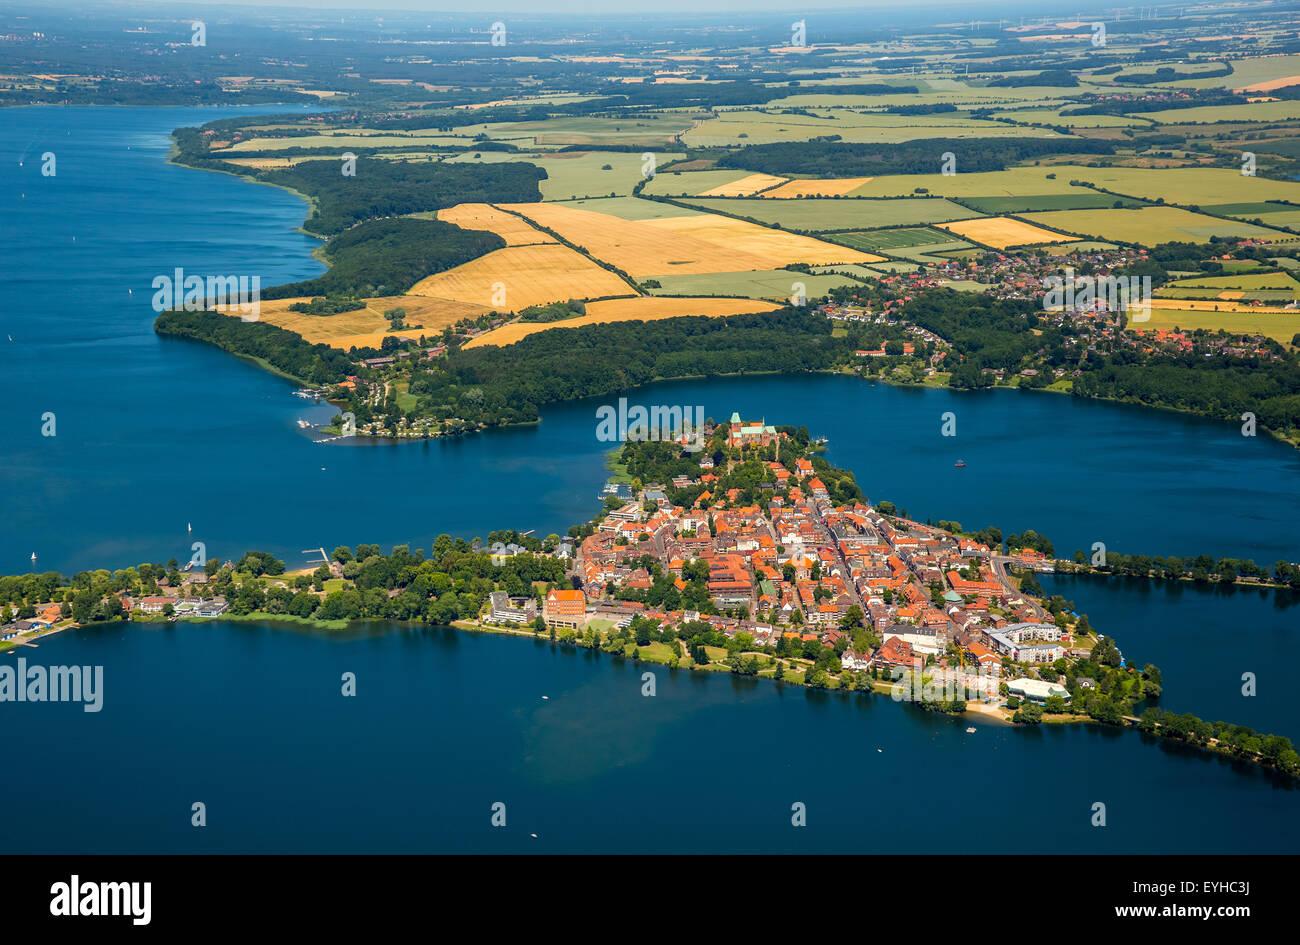 Küchensee Ratzeburg Angeln ~ ratzeburger see lake, domsee lake, küchensee lake, bay of lübeck stock photo, royalty free image